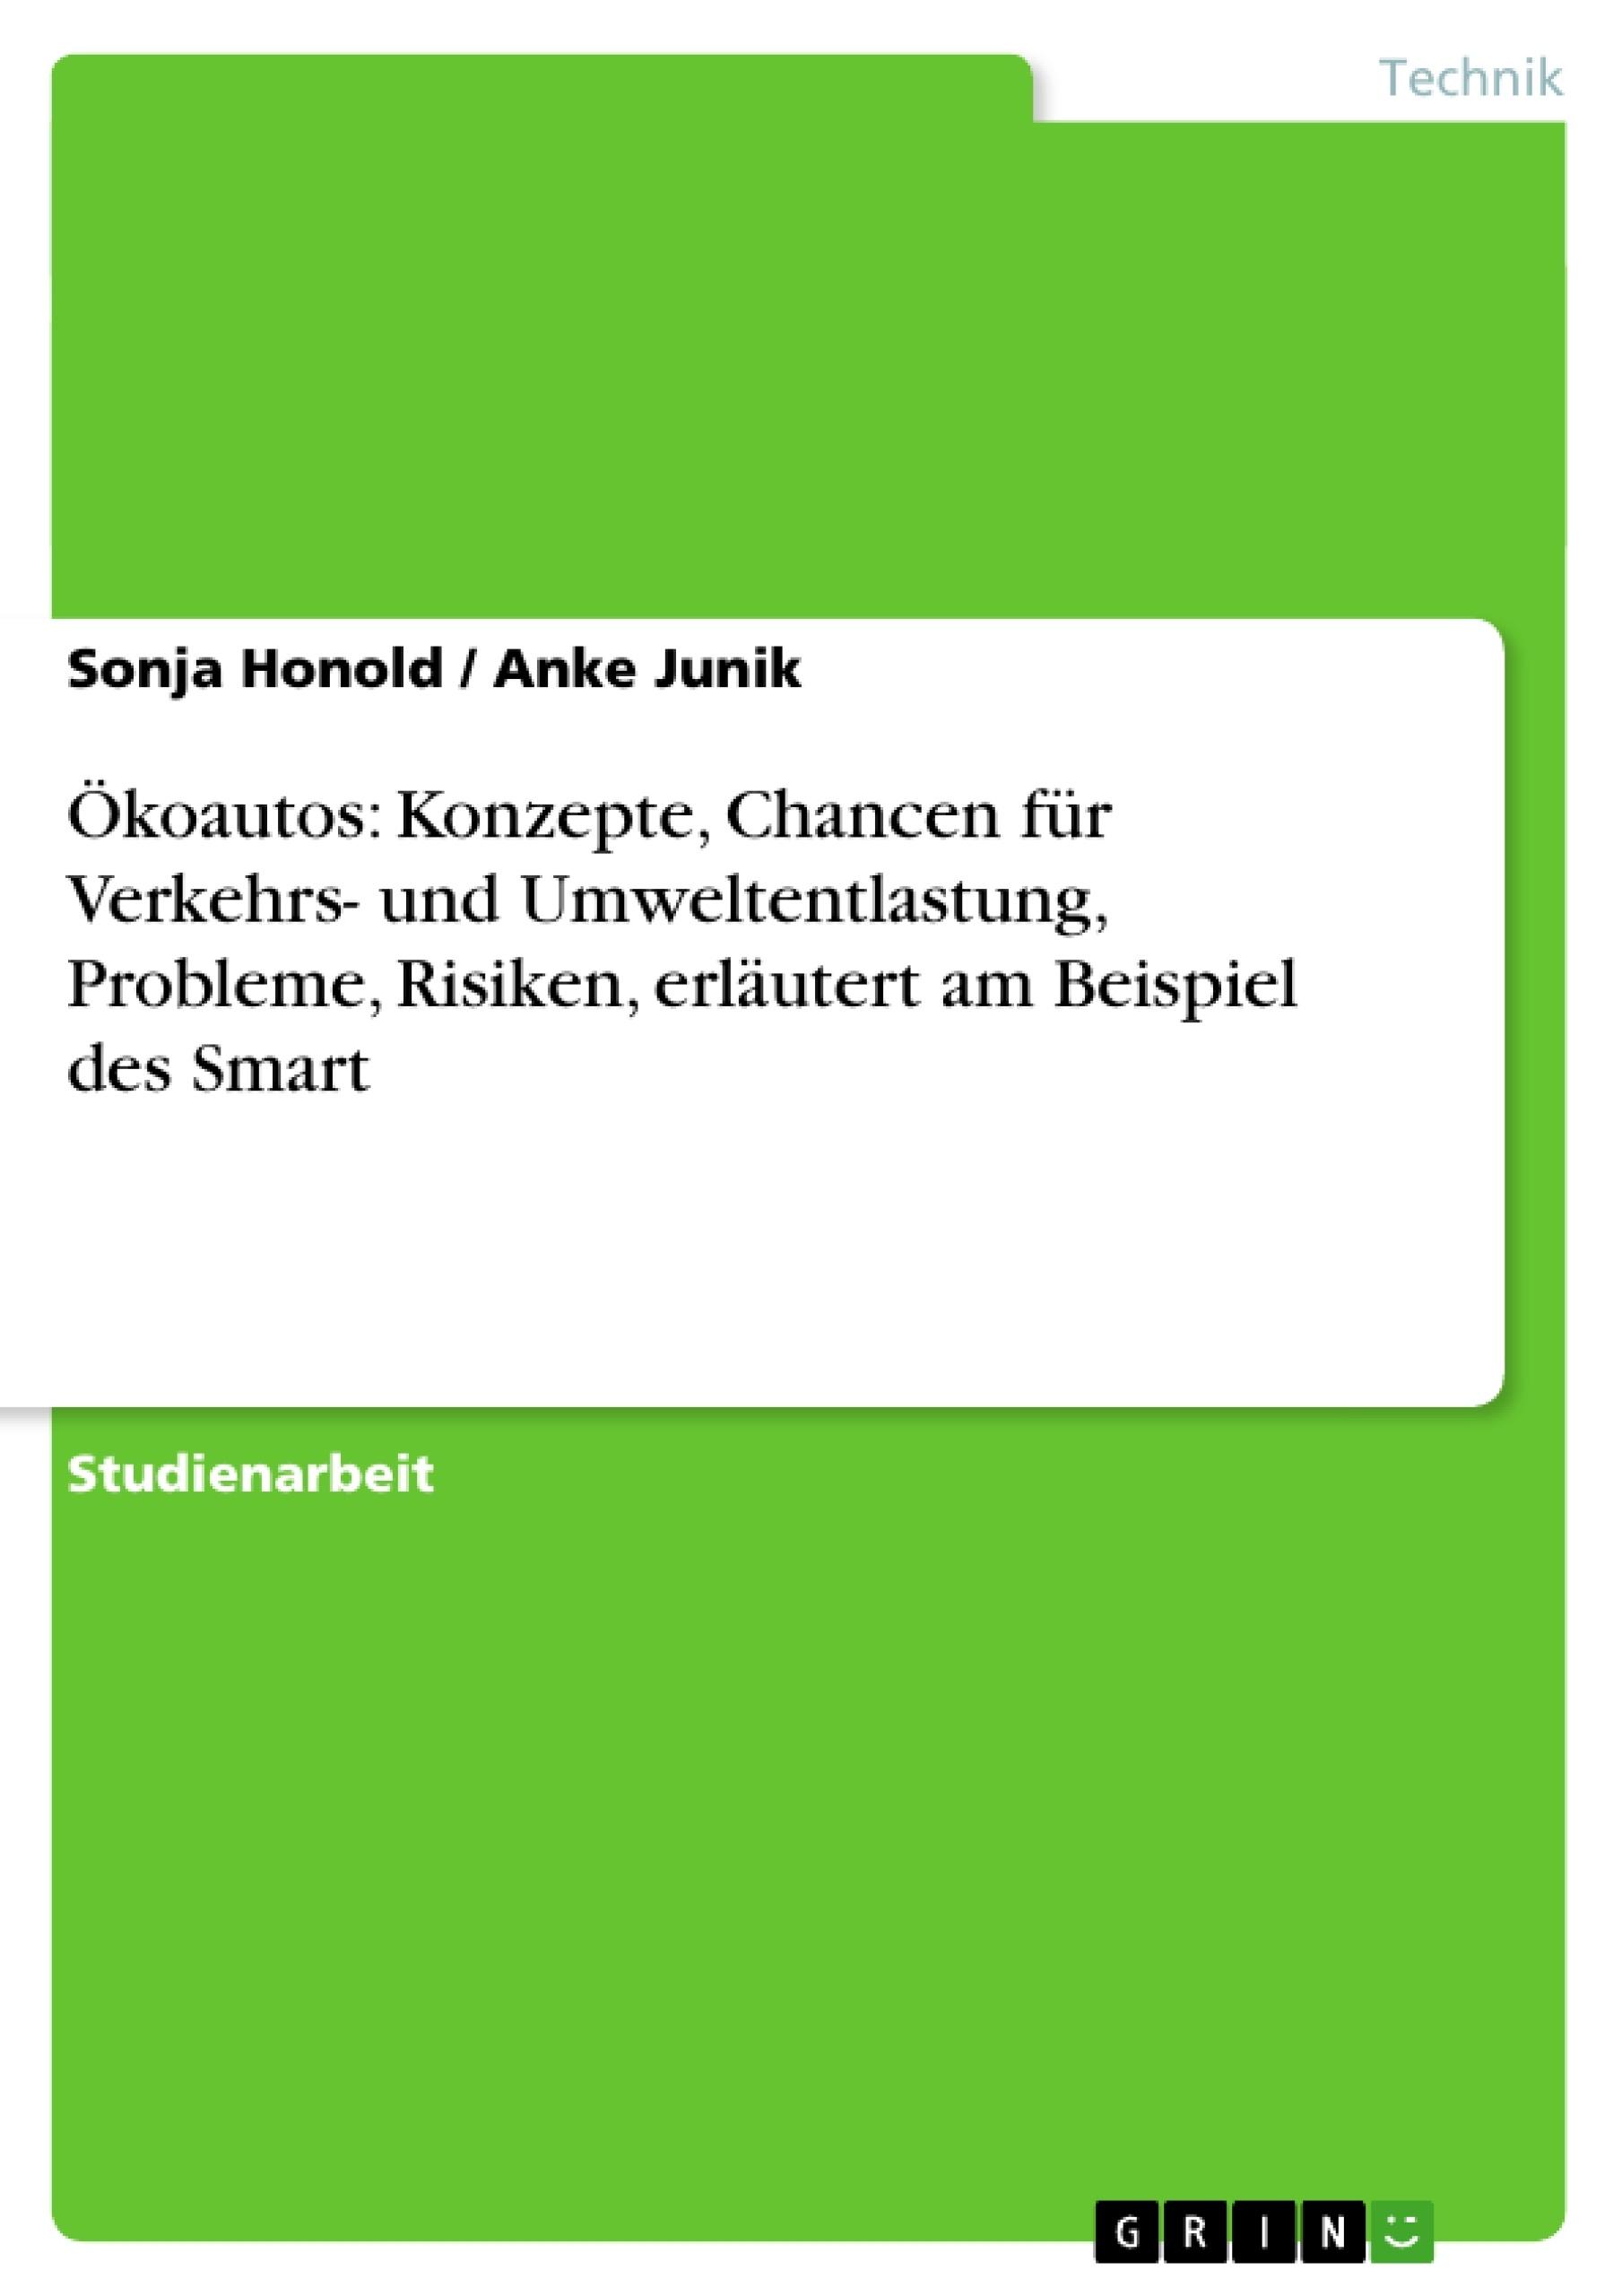 Titel: Ökoautos: Konzepte, Chancen für Verkehrs- und Umweltentlastung, Probleme, Risiken, erläutert am Beispiel des Smart